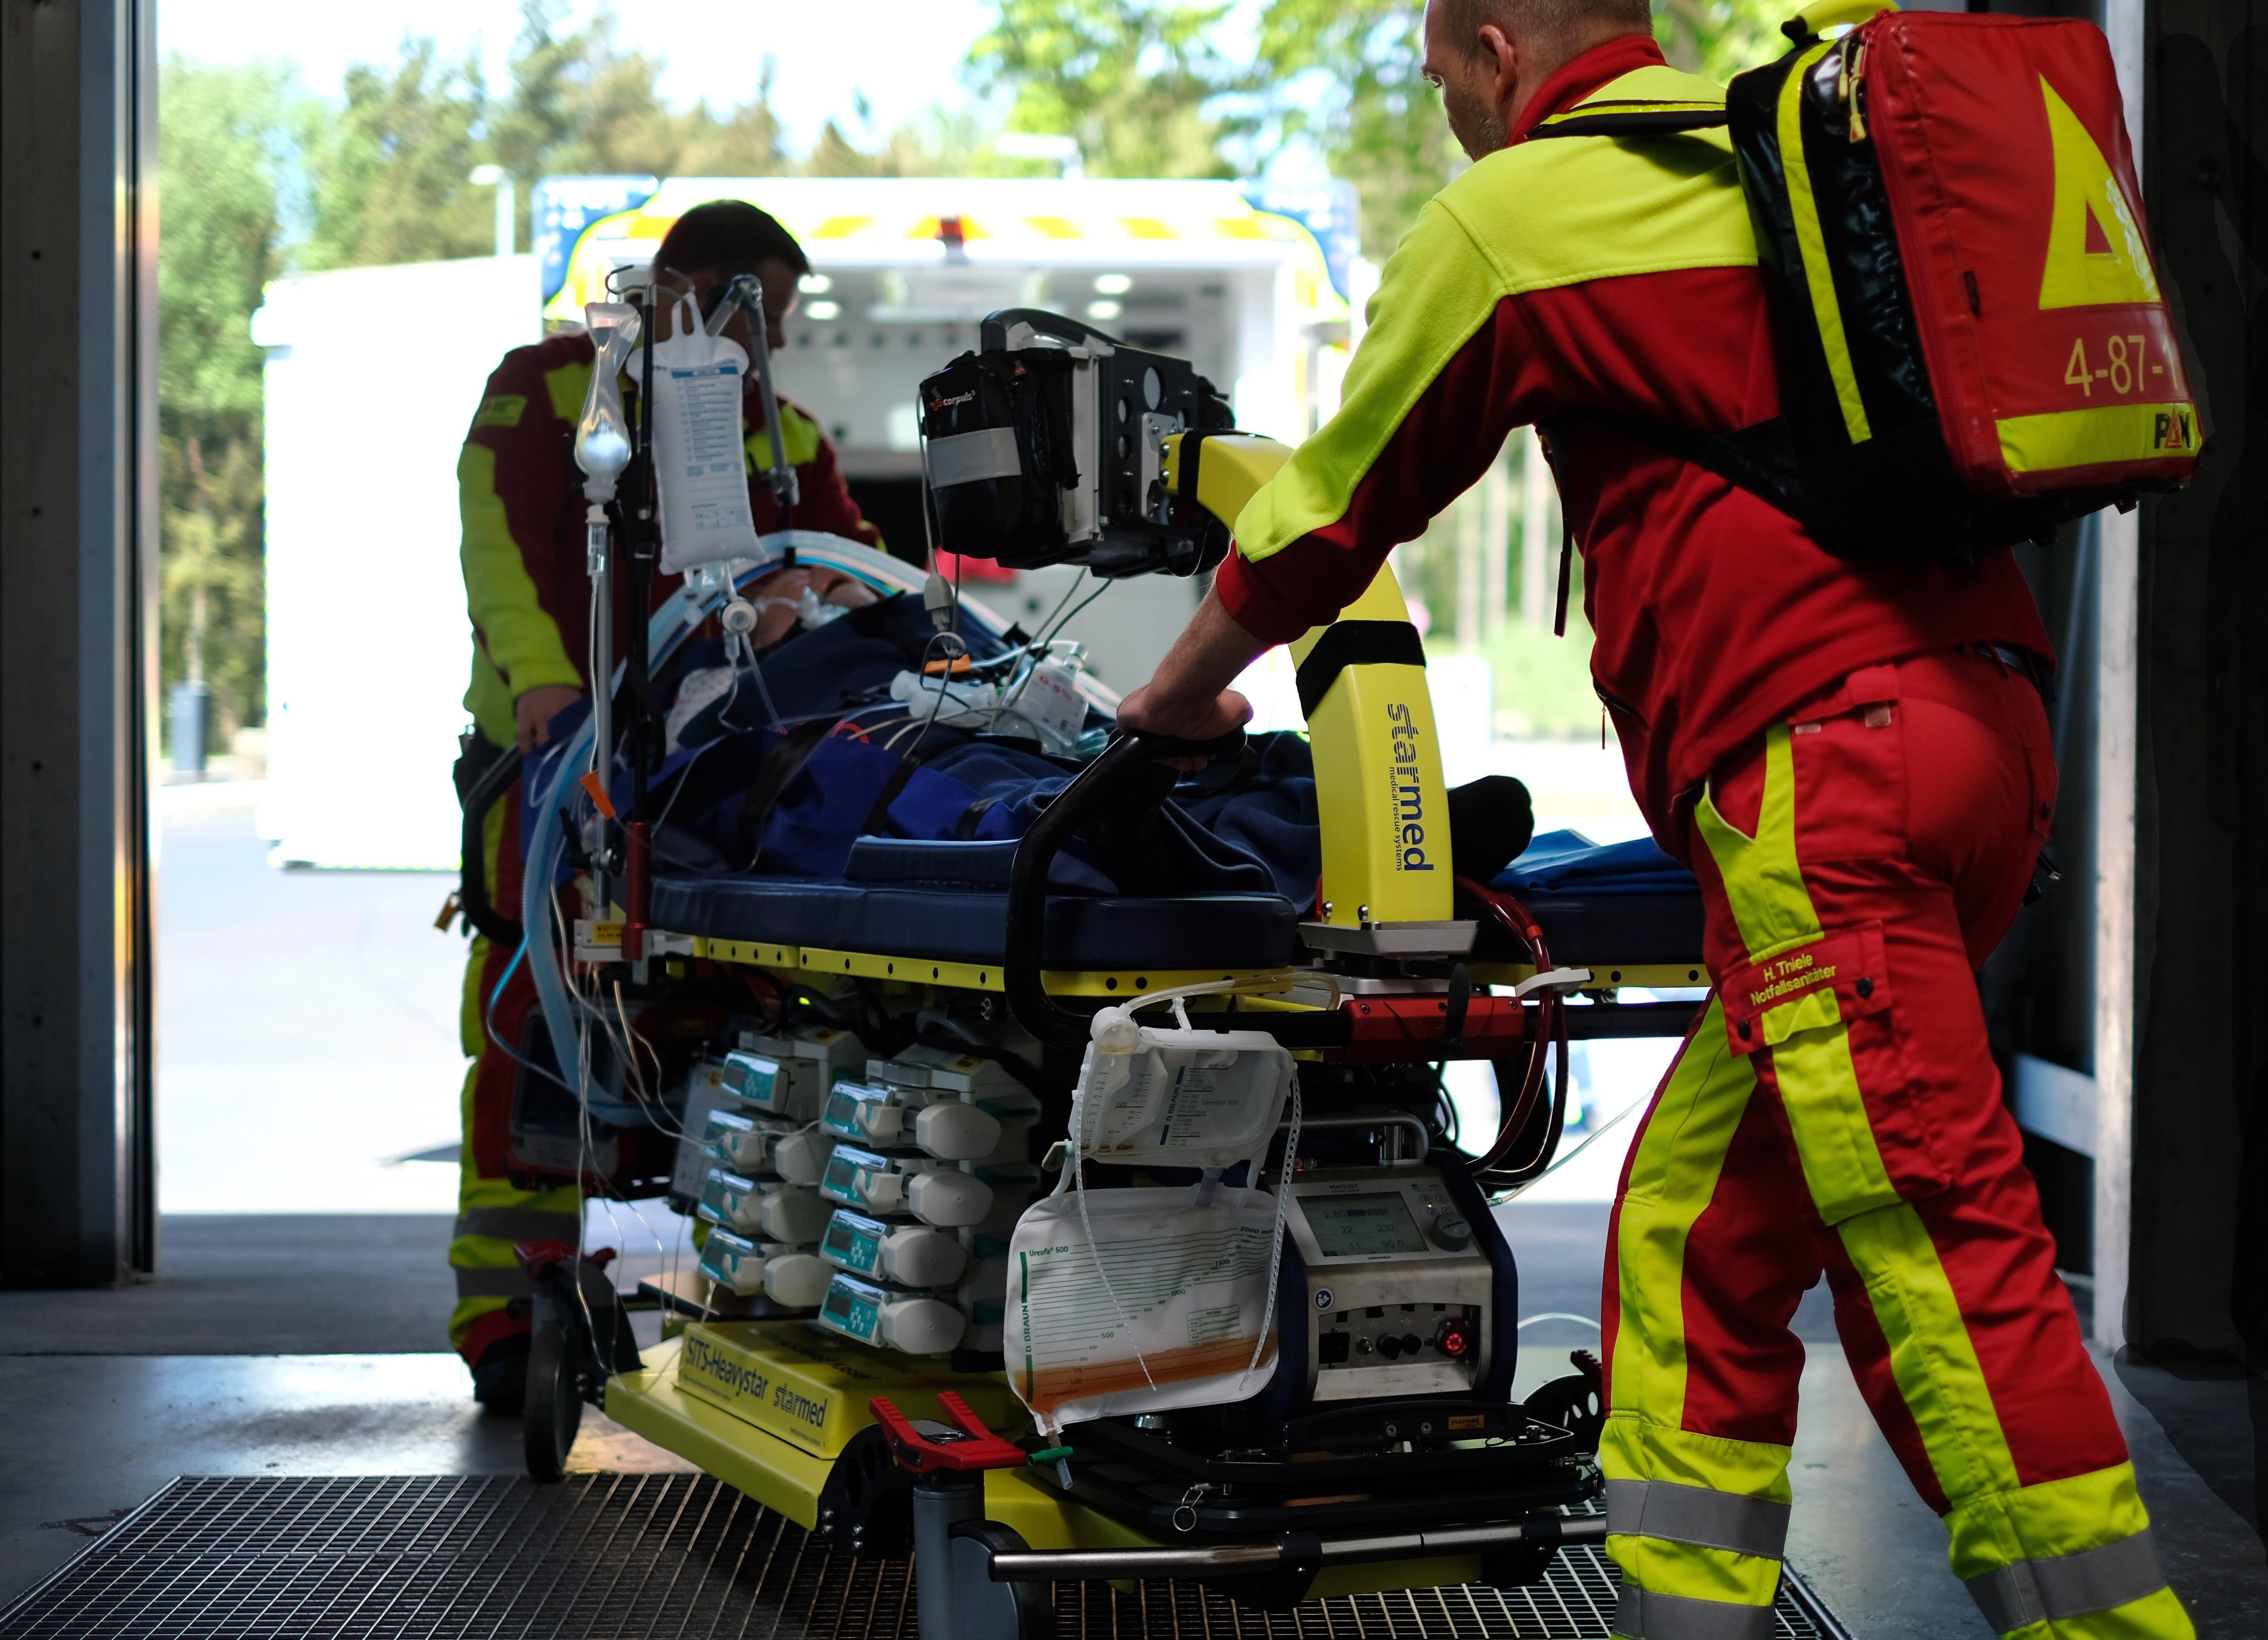 Intensivtransport des DRK-Rettungsdienstes Kassel